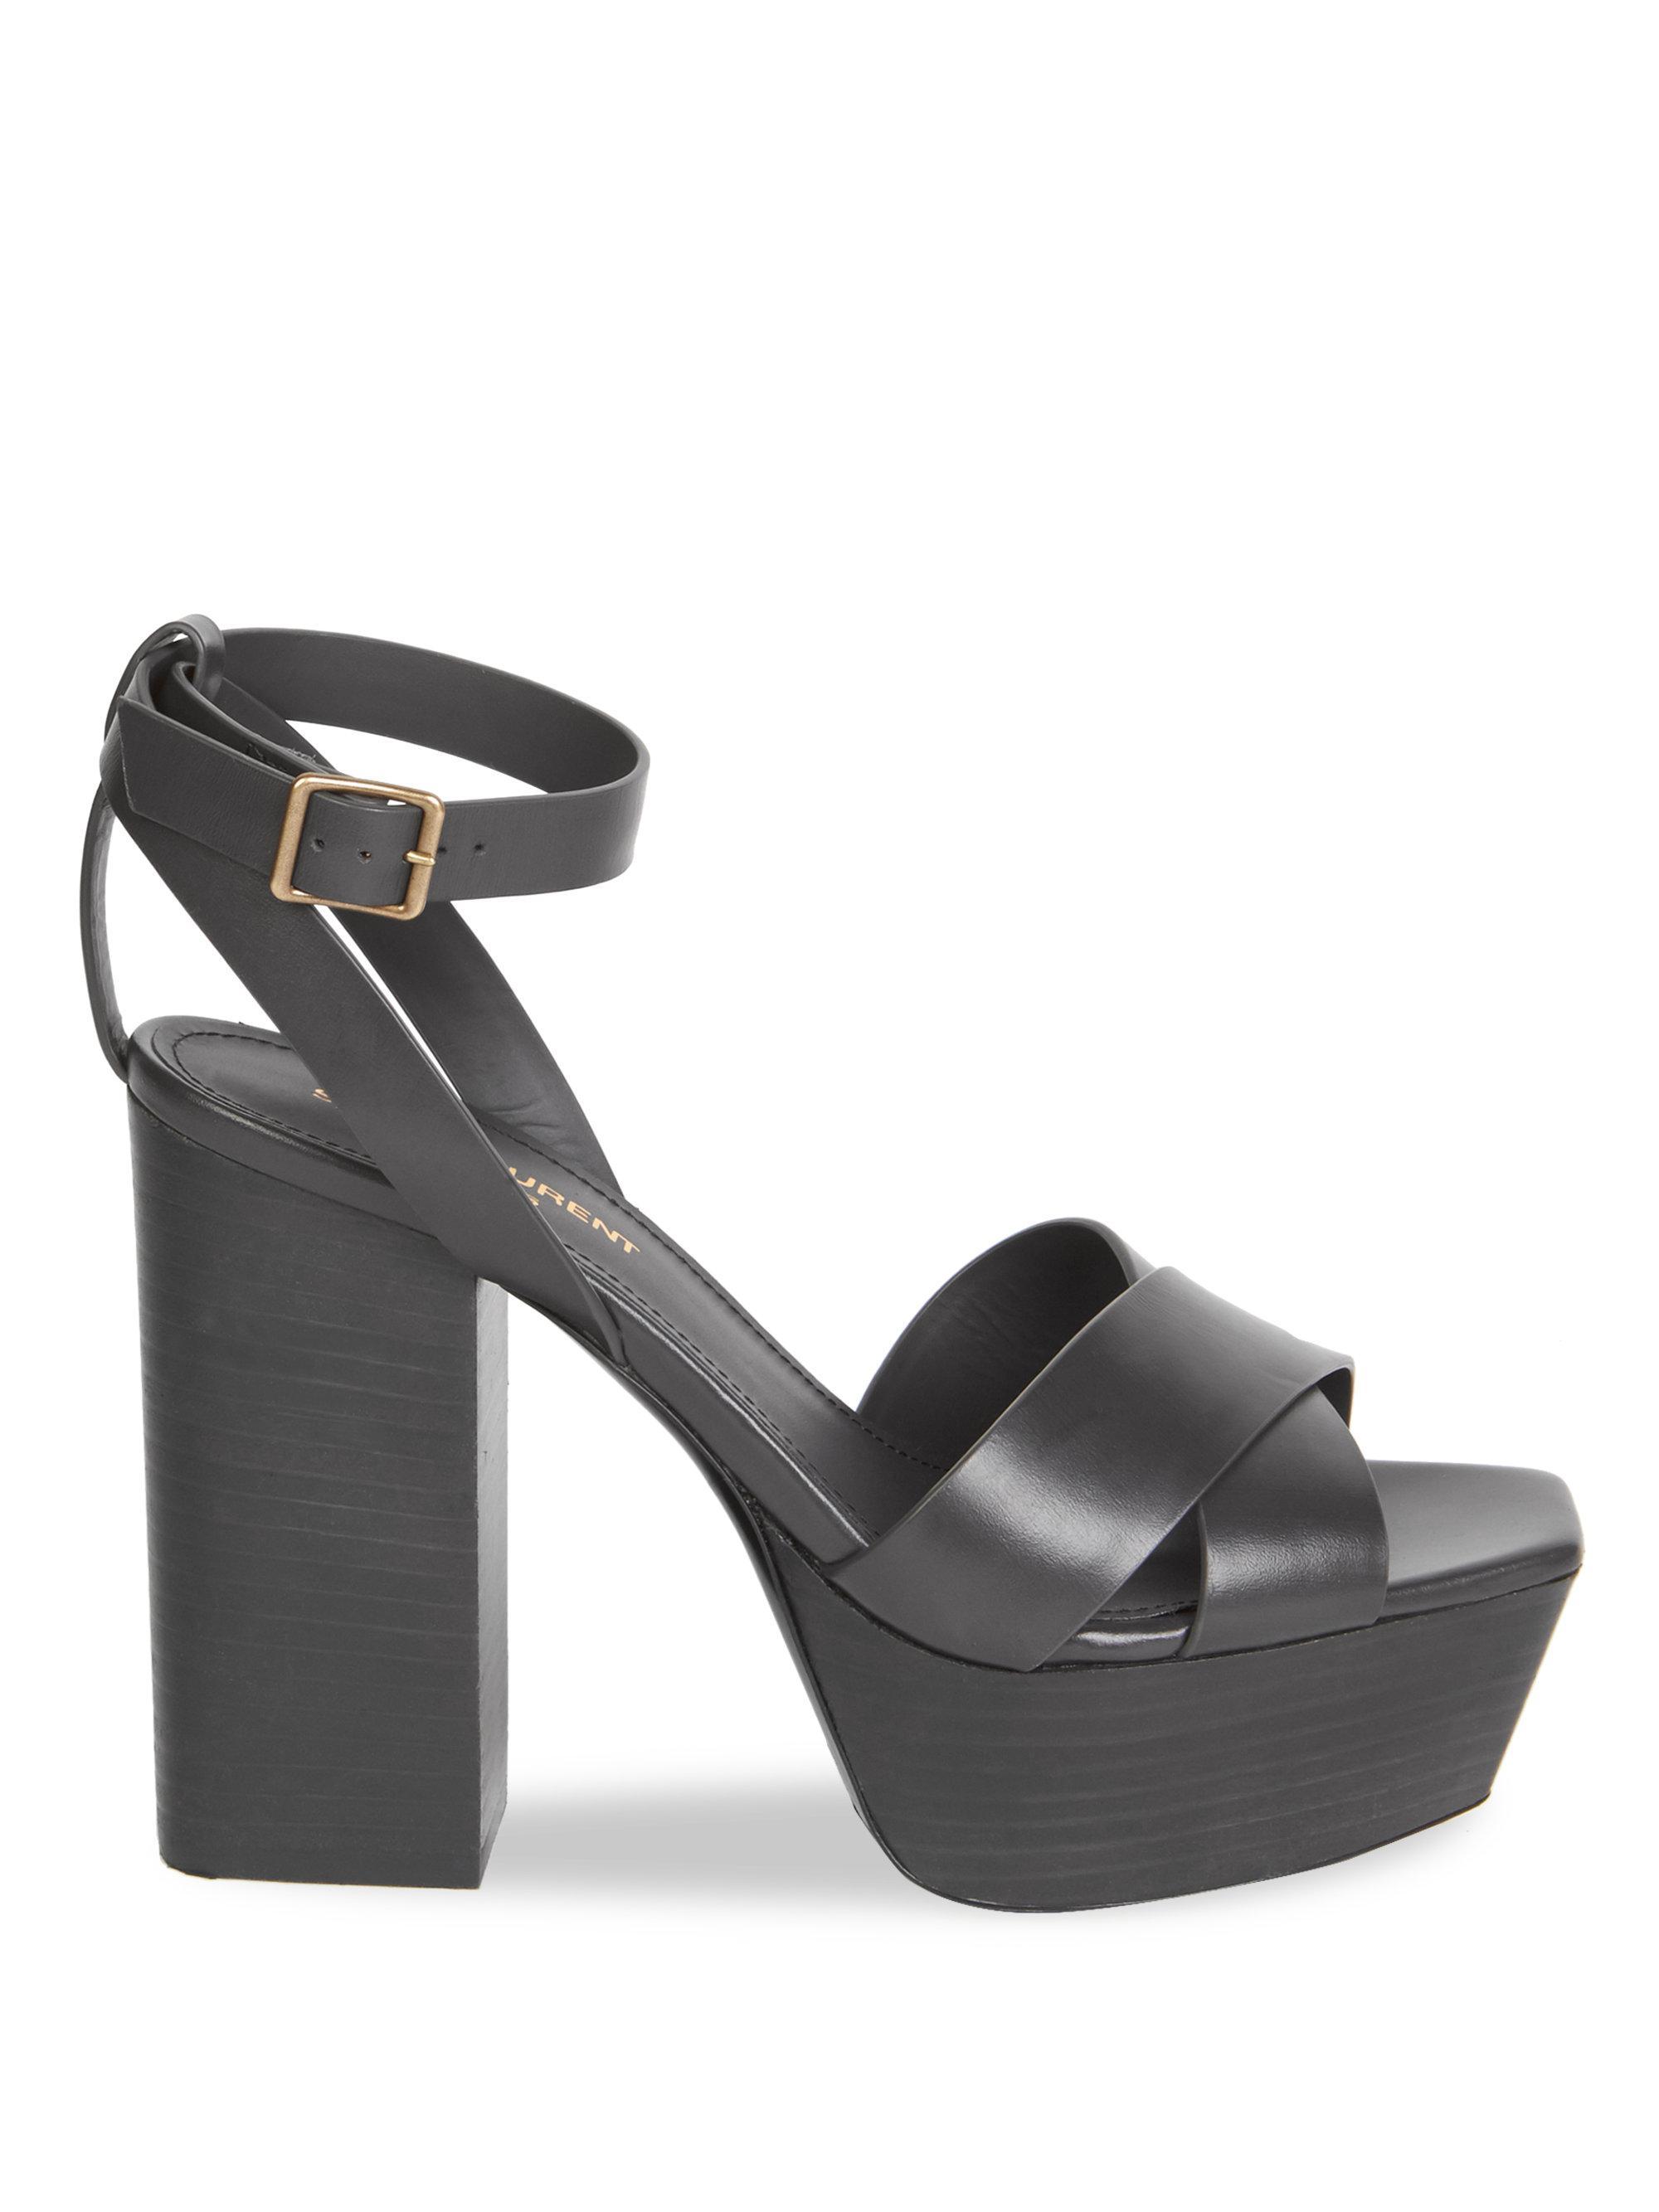 33939687a1d Lyst - Saint Laurent Farrah Ankle-strap Leather Platform Sandals in Gray